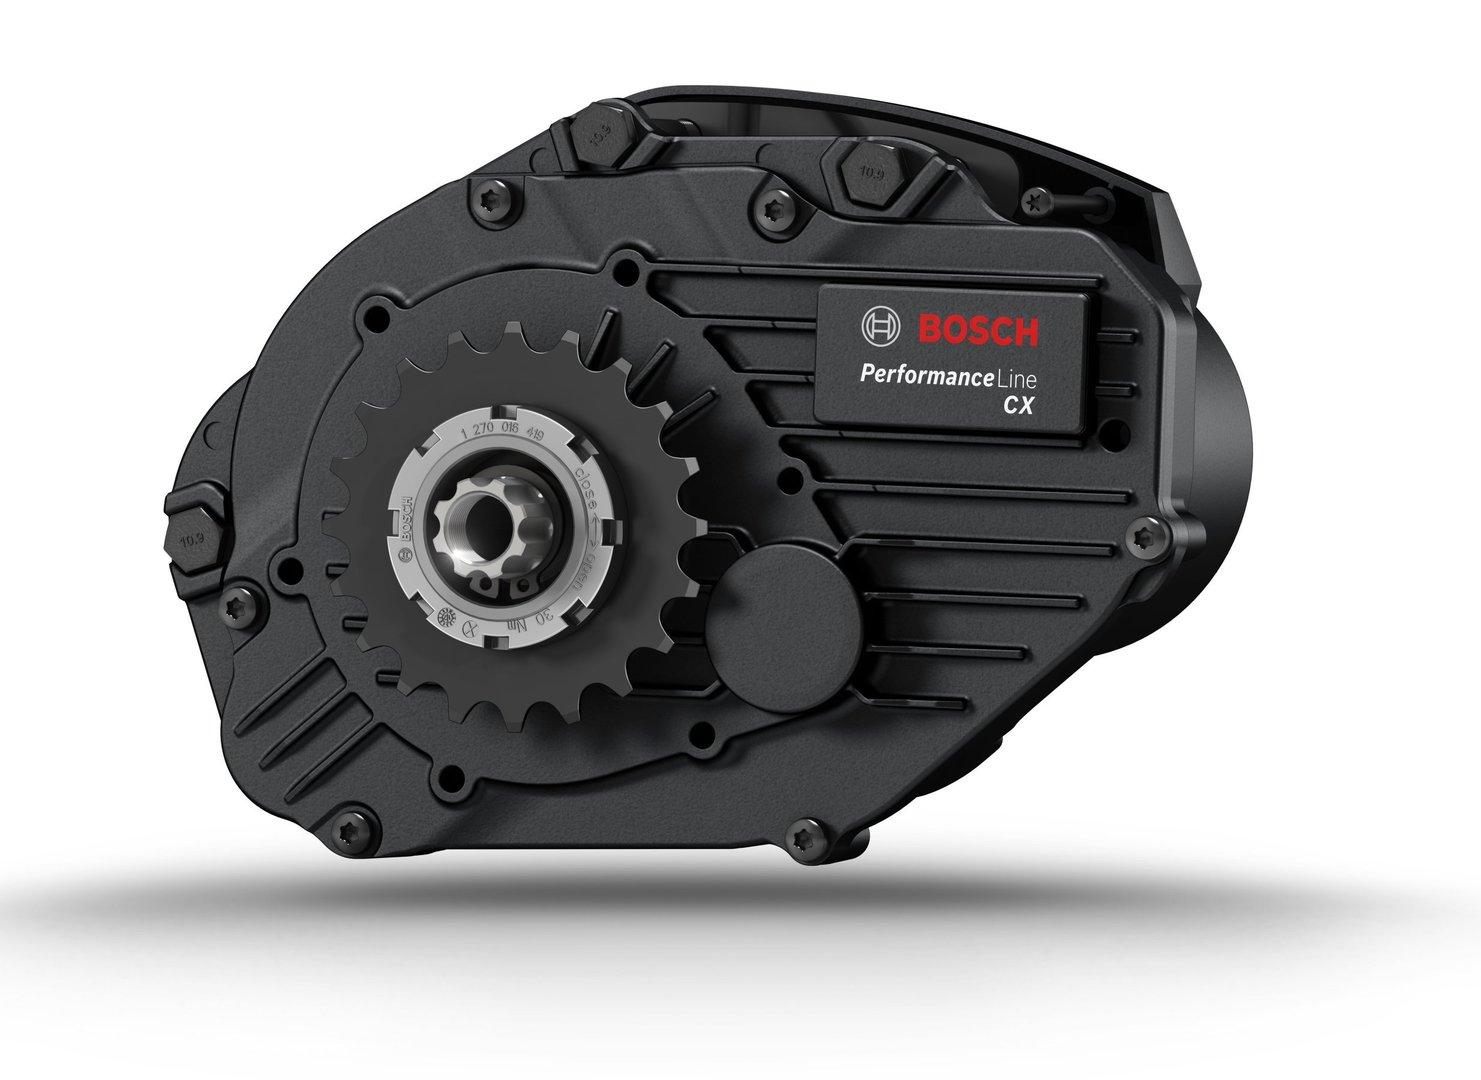 bosch motor performance cx mit freilauf 250 watt nur im. Black Bedroom Furniture Sets. Home Design Ideas